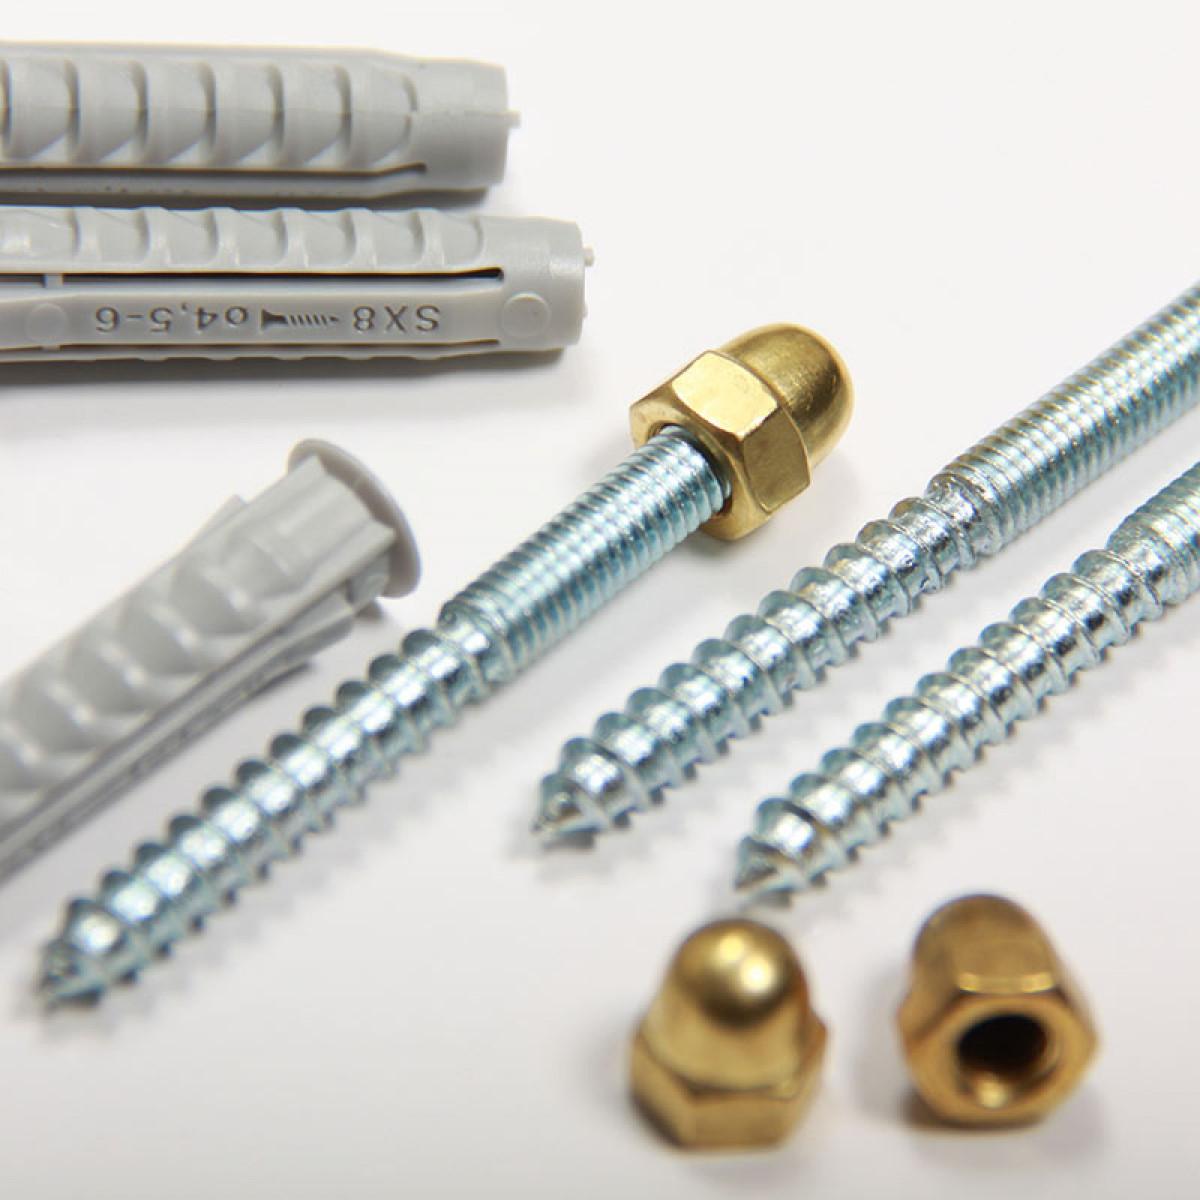 Zonnewijzer sokkel montage set (3837) -  Losse onderdelen